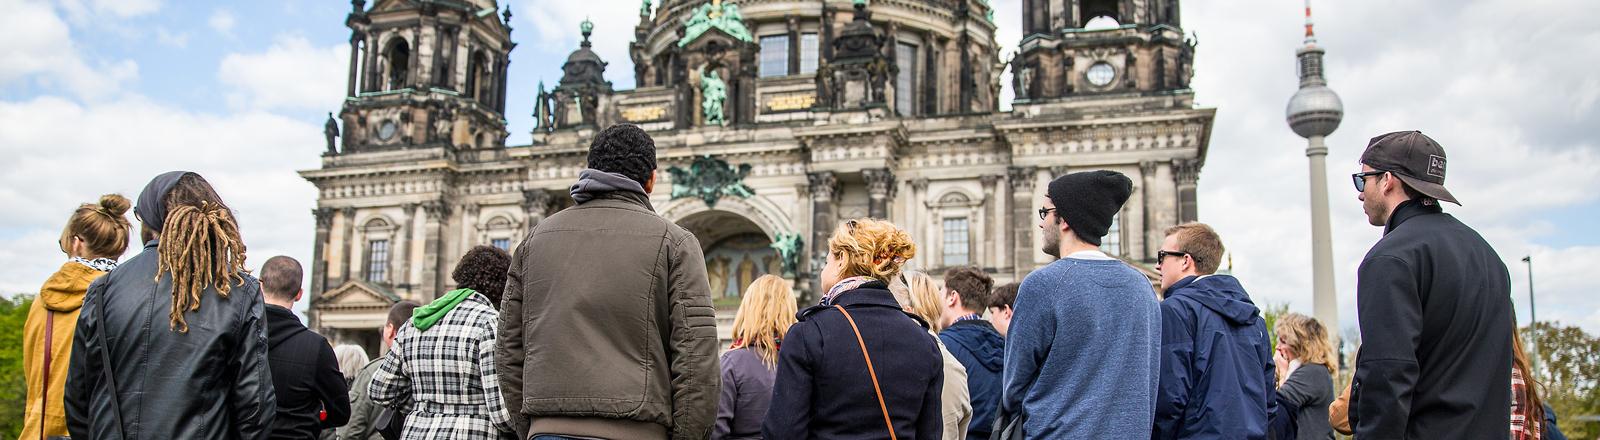 Touristengruppe vor dem Berliner Dom